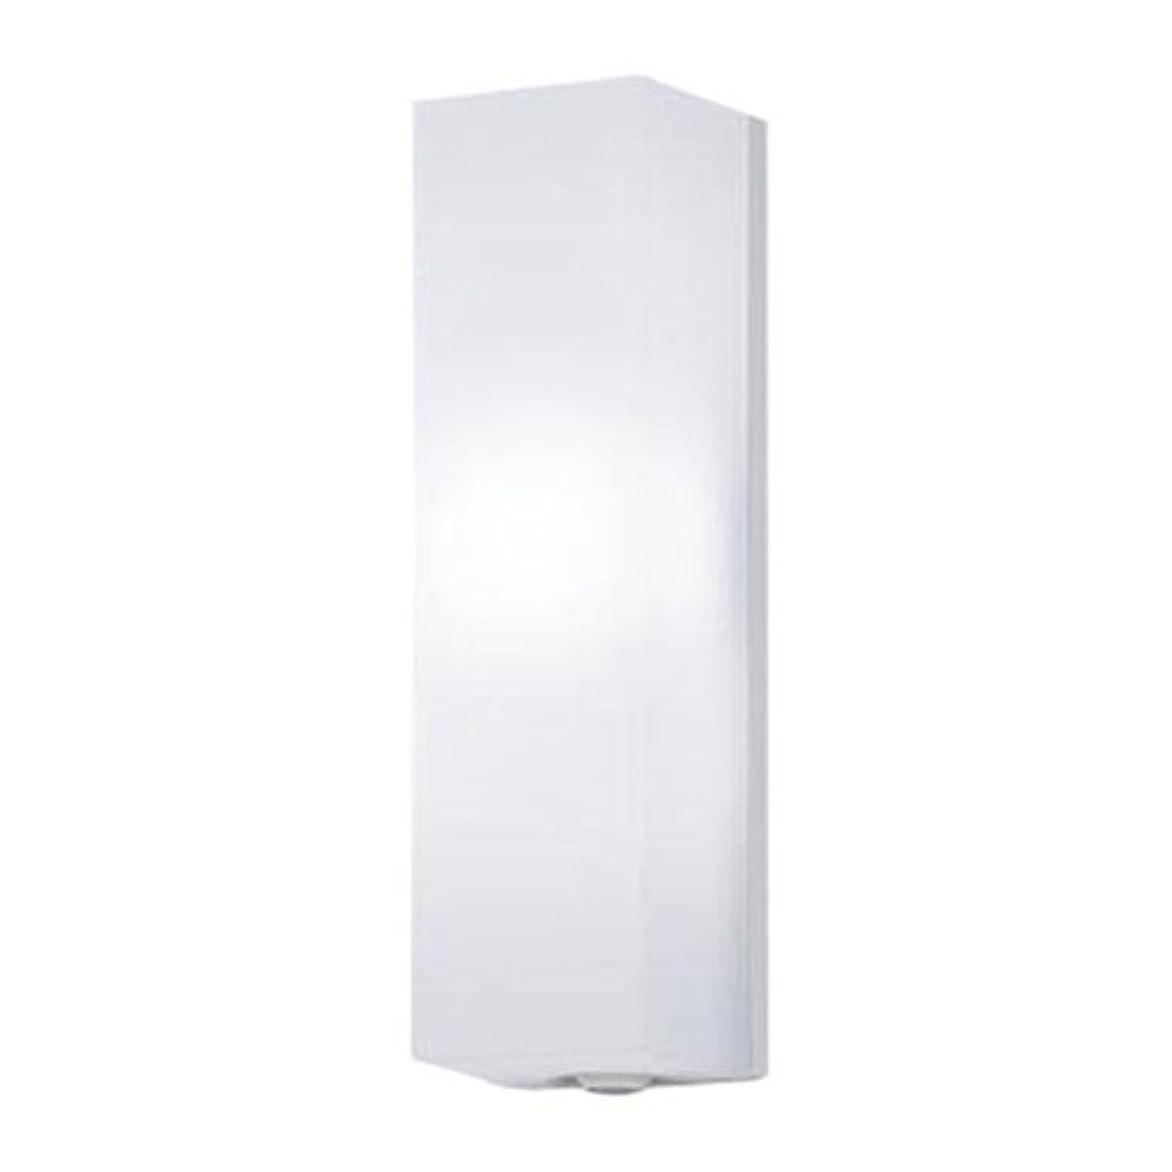 ミケランジェロ橋脚サミュエルPanasonic LED ポーチライト 壁直付型 40形 昼白色 LGWC80290LE1